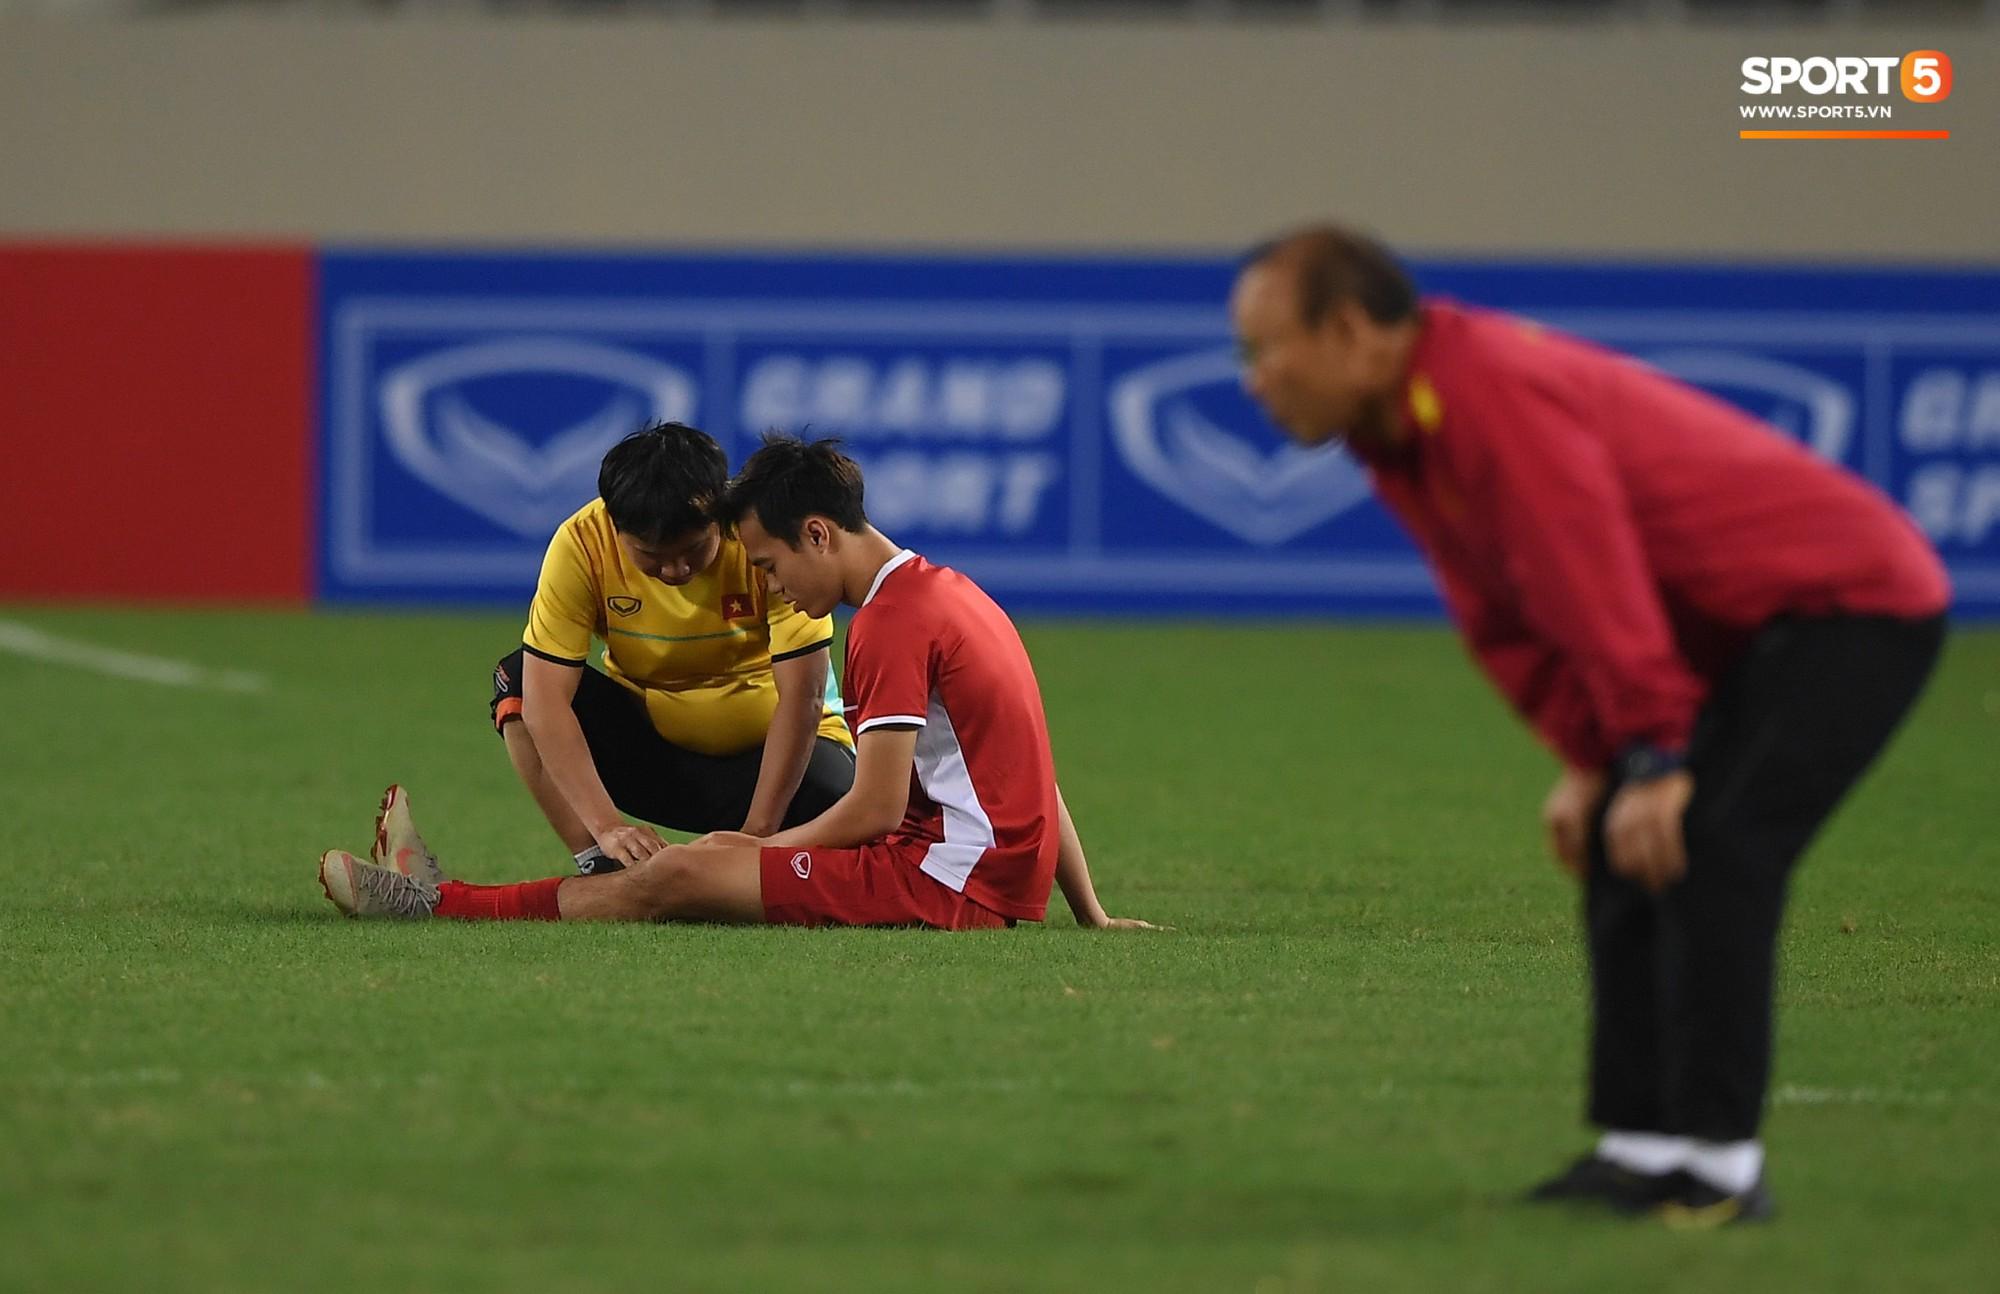 Văn Toàn tươi rói trong ngày trở lại, tuyển Việt Nam đón nhiều tin vui trước trận gặp Philippines-5